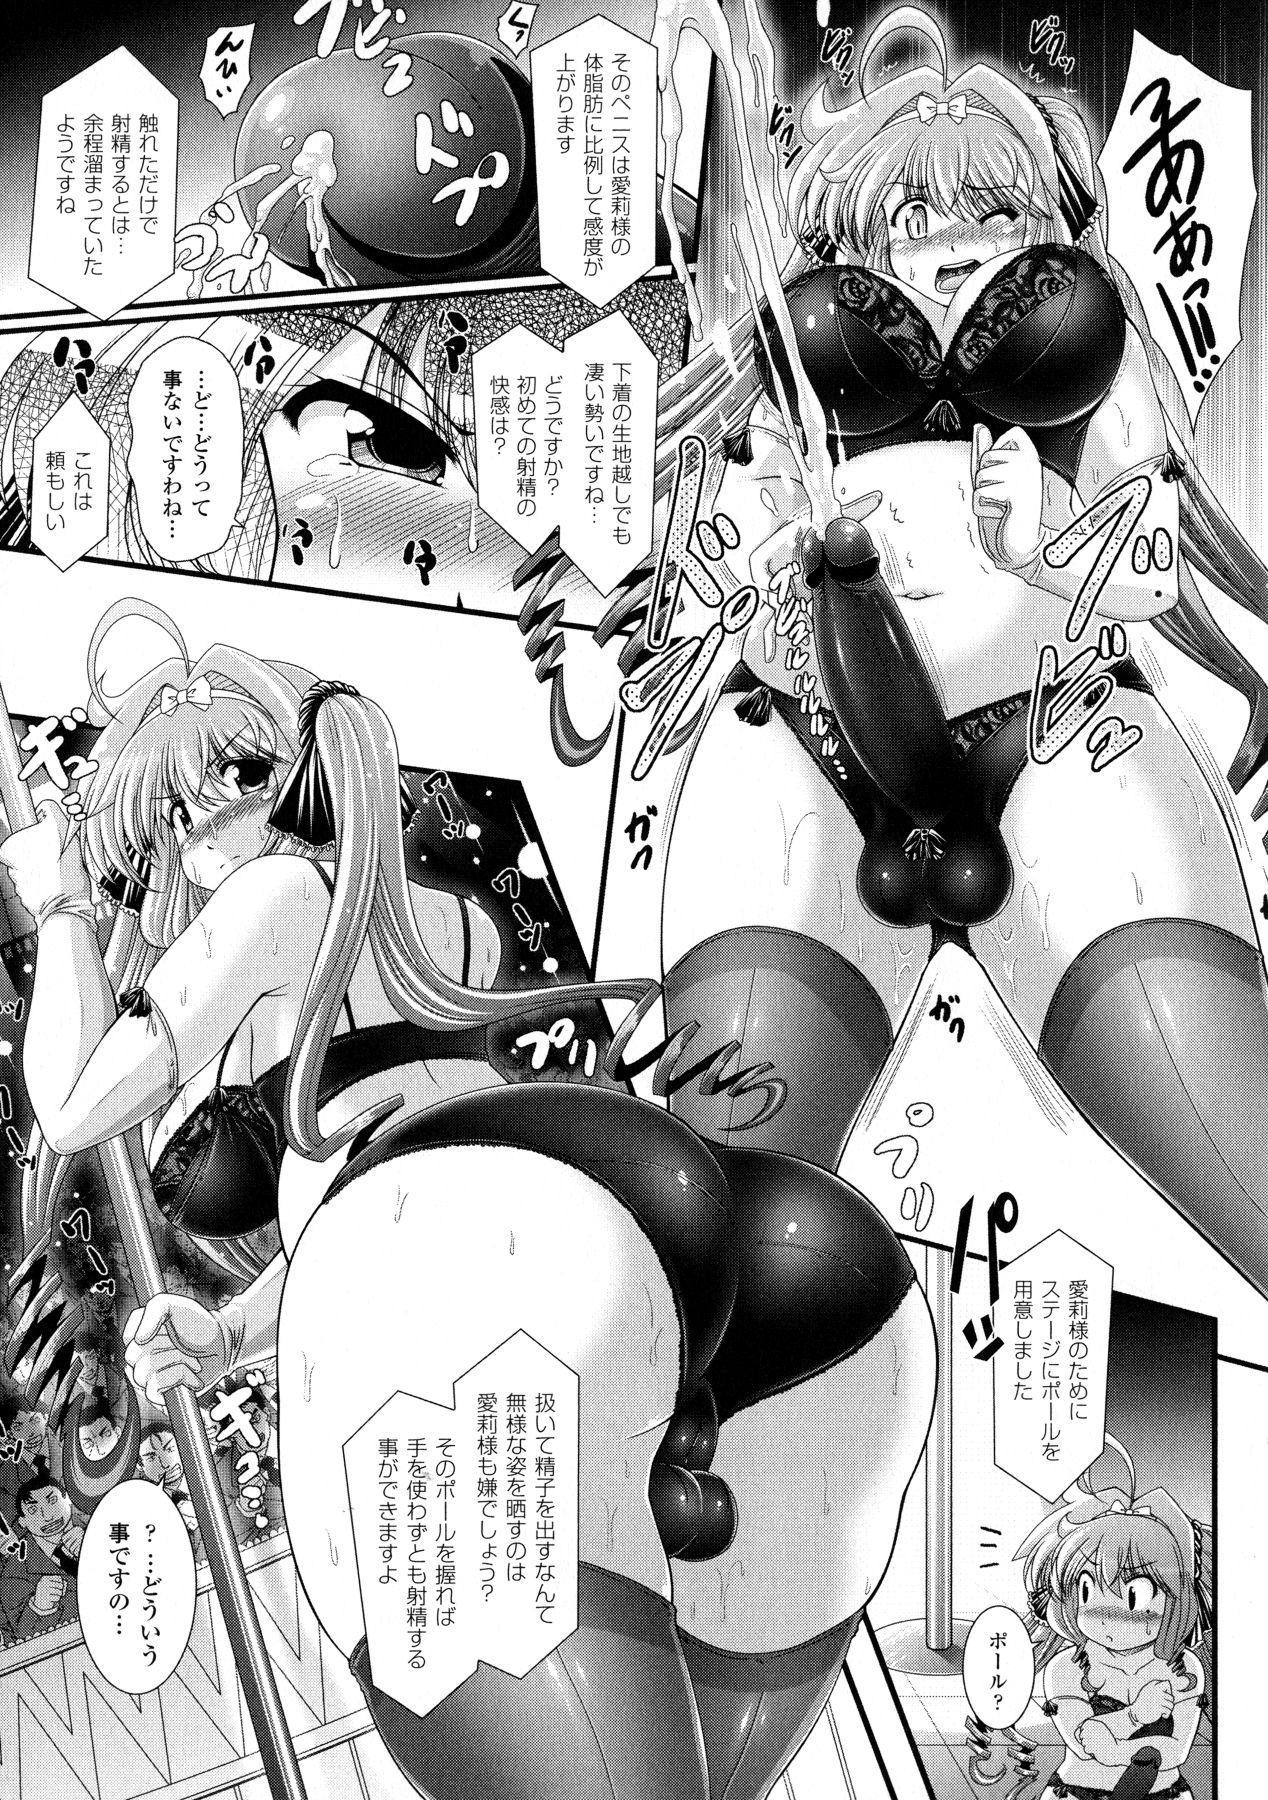 Akuma no Shitsumon 136